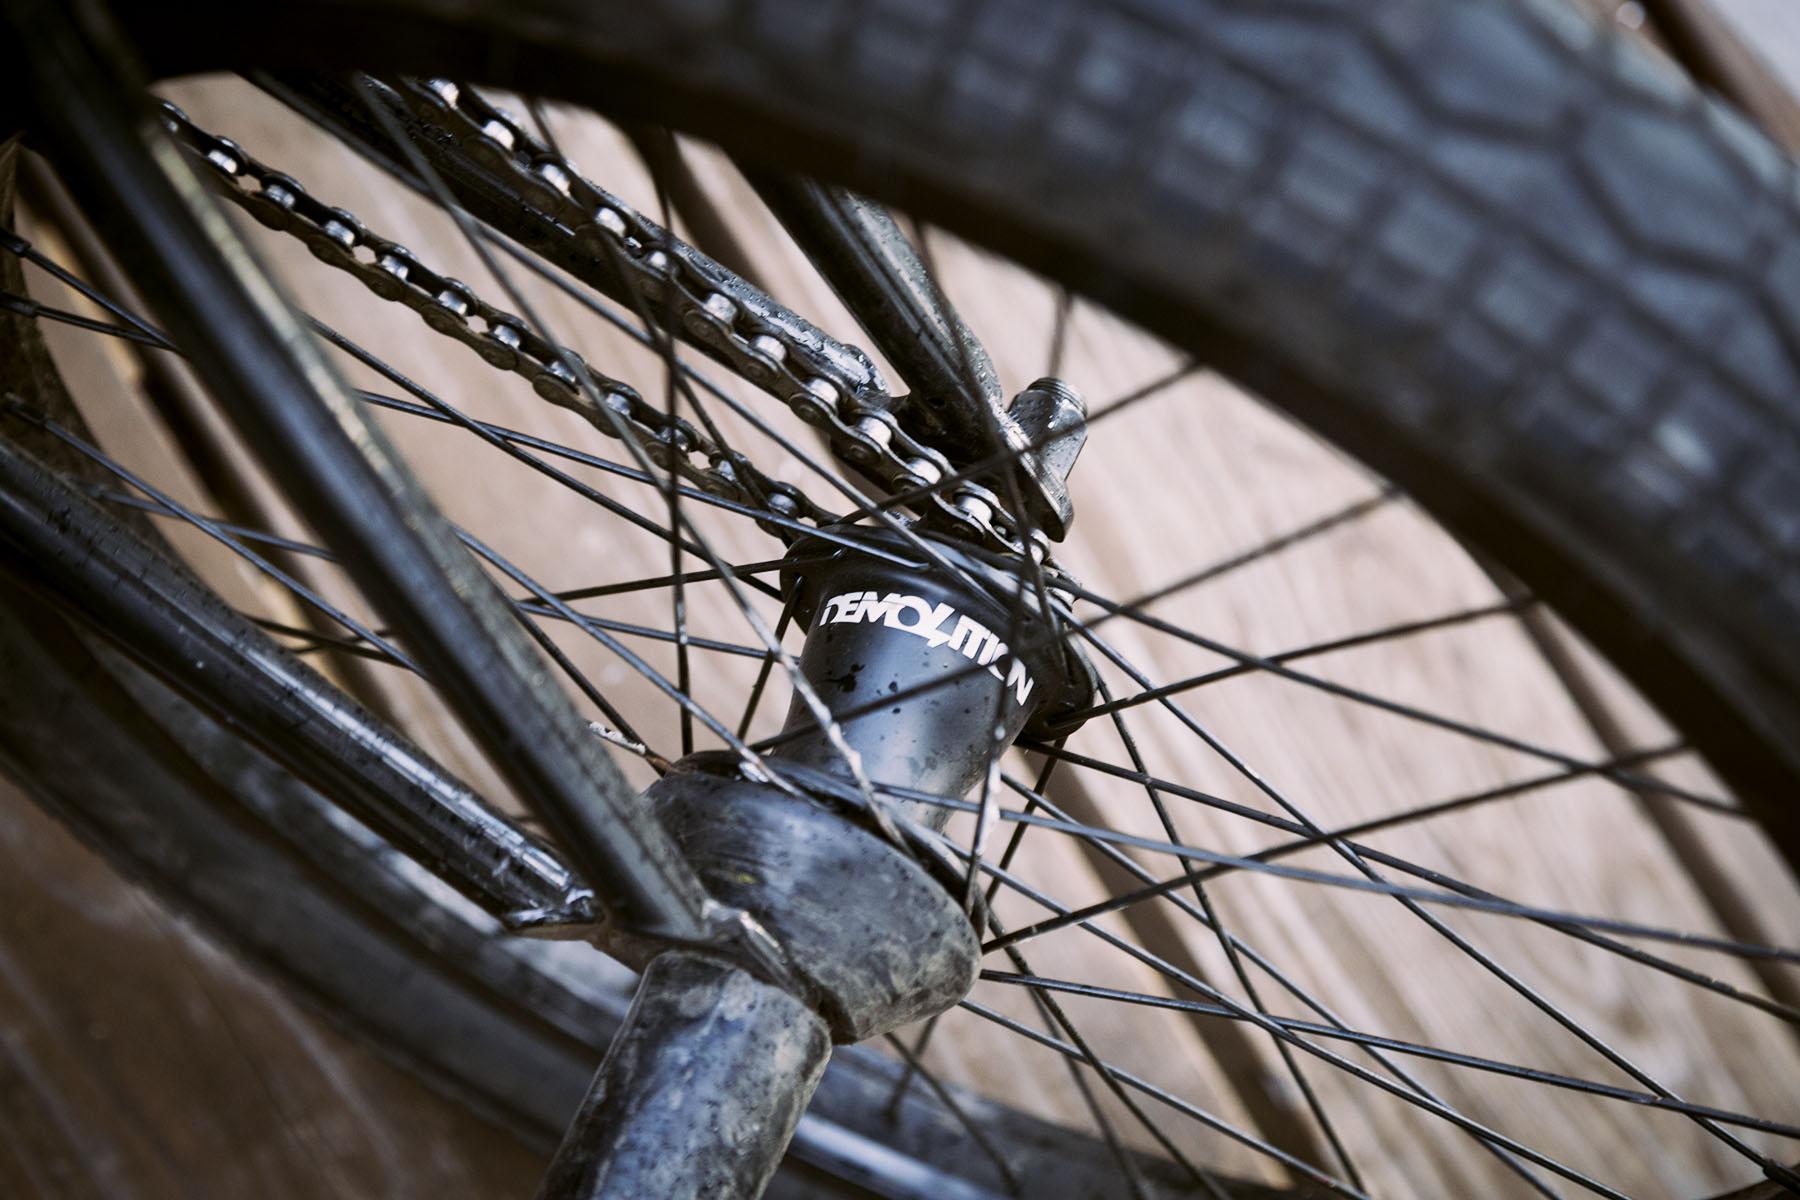 DE bike coaster